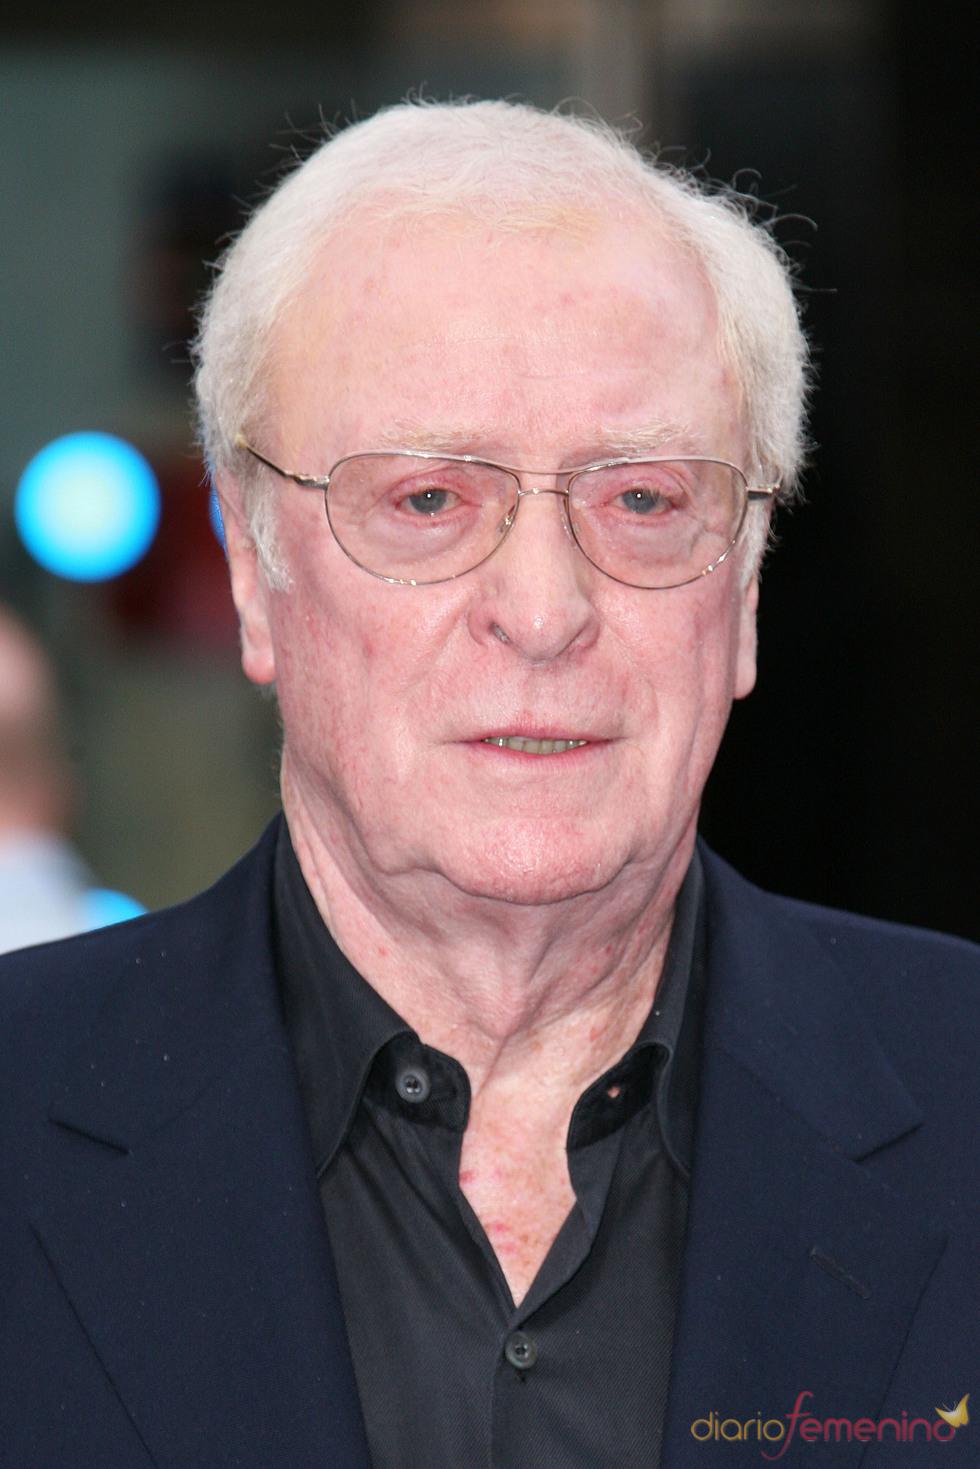 Michael Caine en el estreno de 'El origen' en Londres